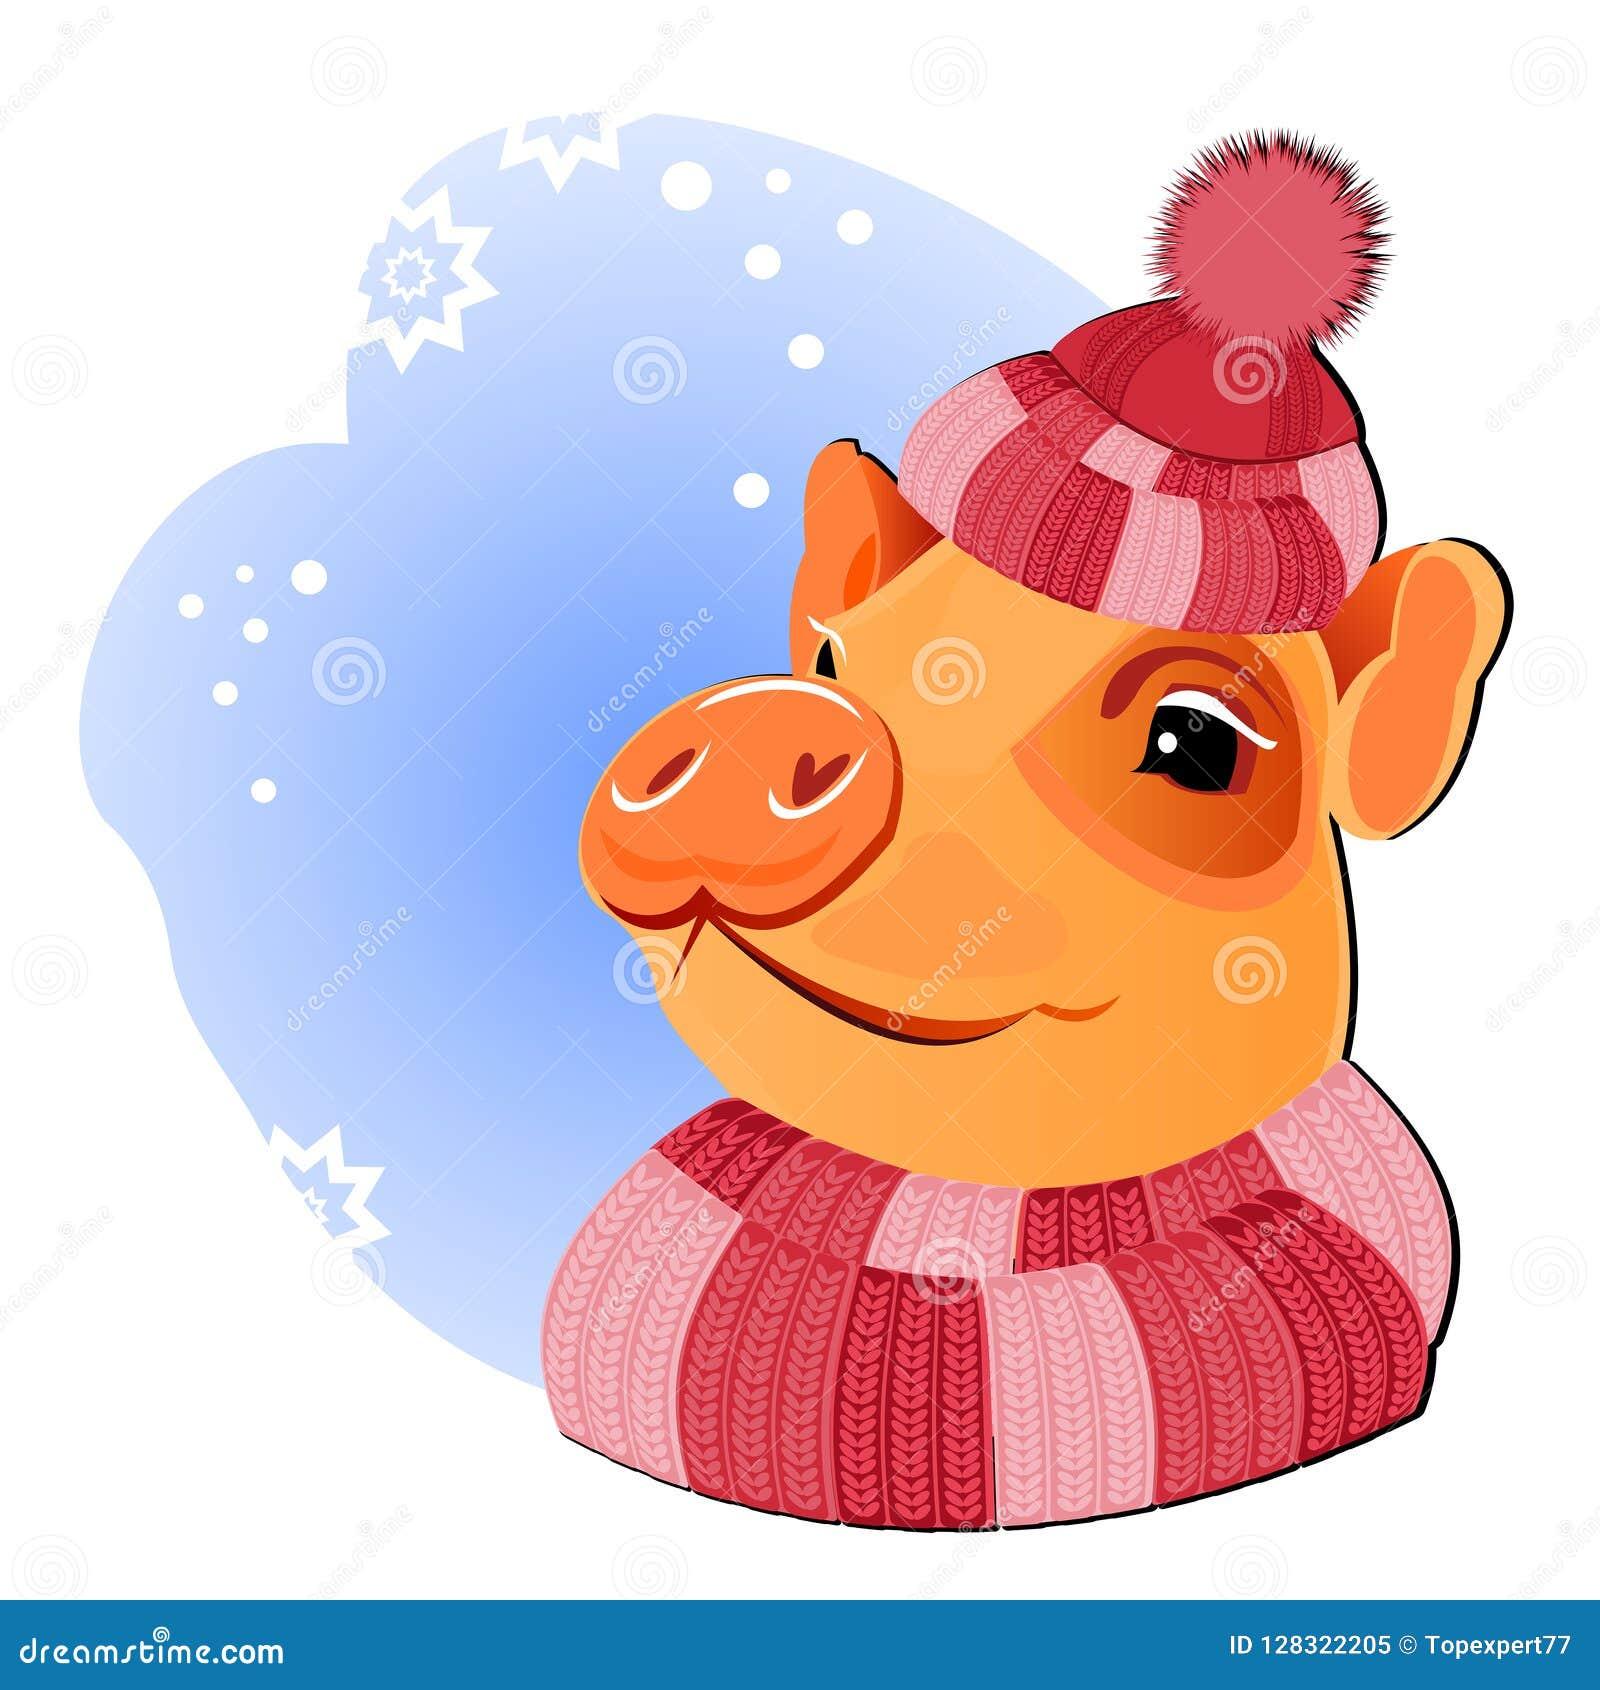 Gelbe Karte Lustig.Winterschwein Schwein Piggy Glückliches Schwein Neues Neues